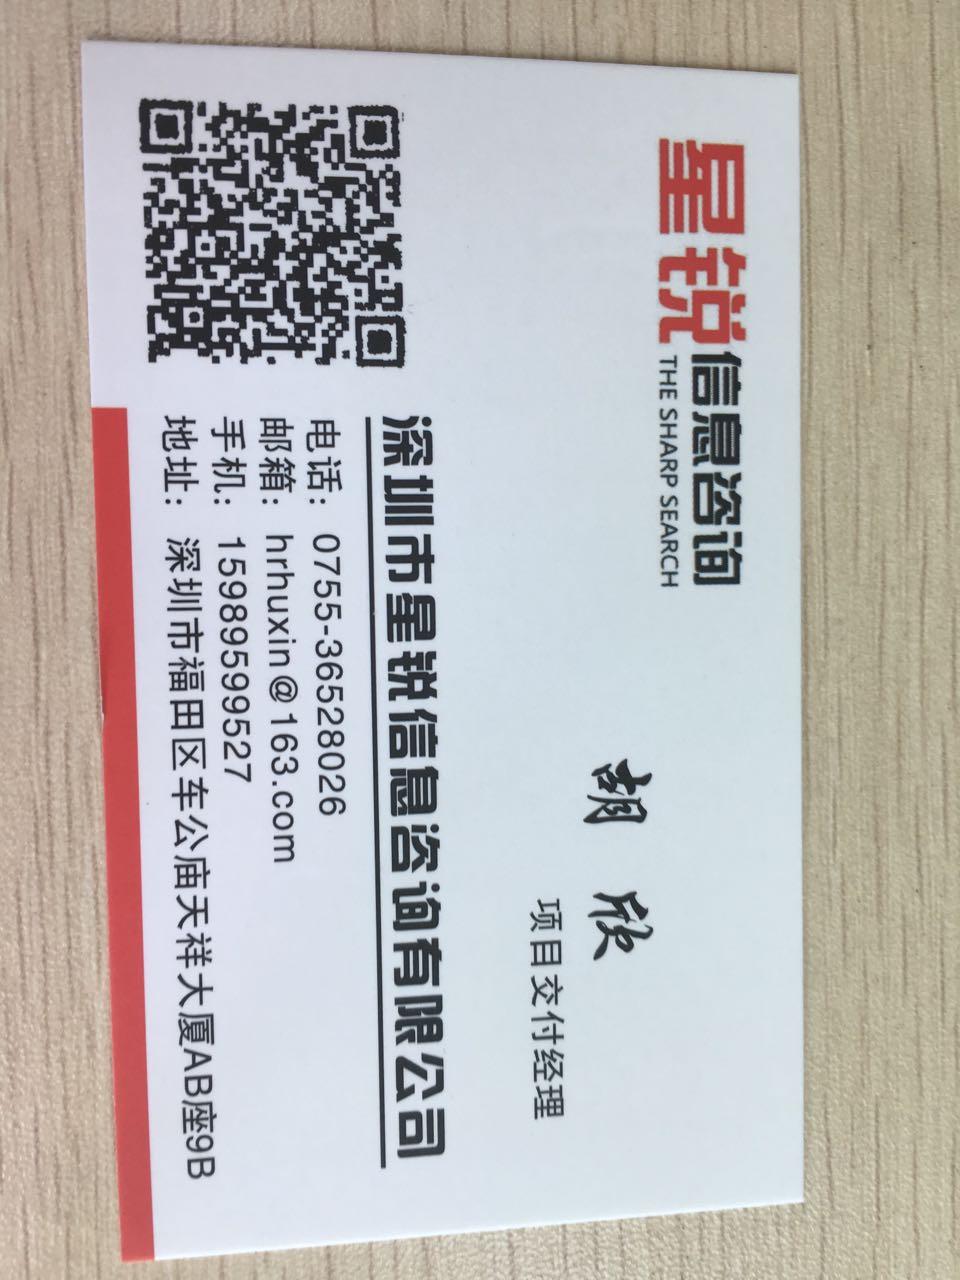 来自胡*发布的商务合作信息:为企业提供高端人才寻访服务,欢迎咨询。... - 深圳市星锐信息咨询有限公司